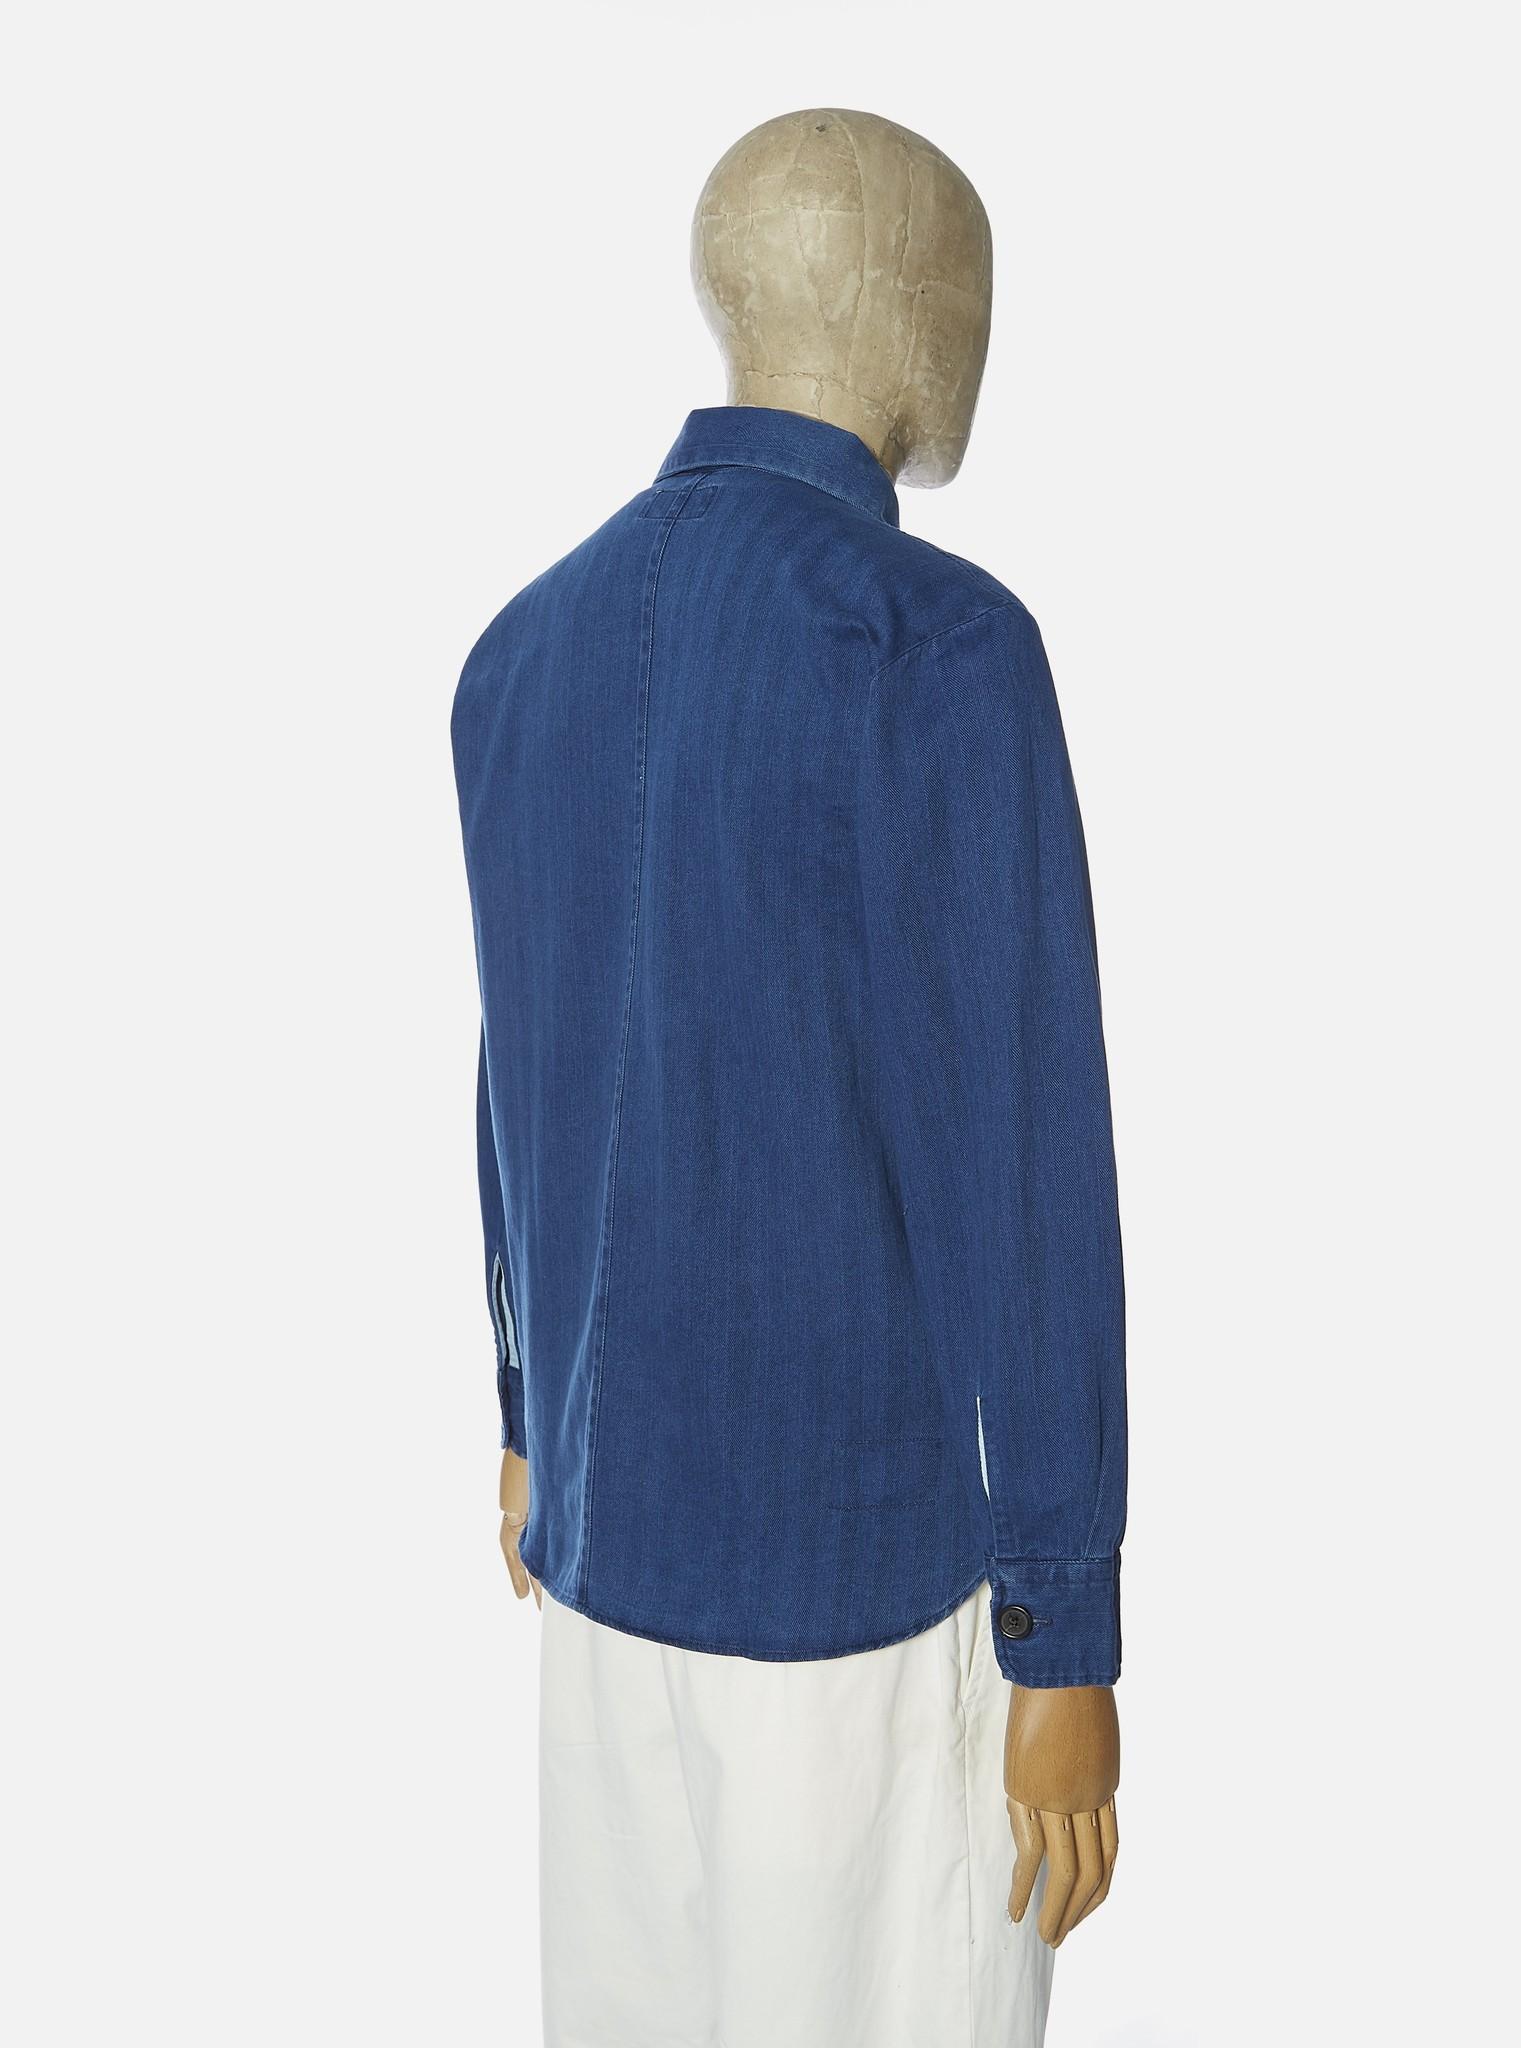 Travail Blauw Overshirt Heren Washed Indigo-2